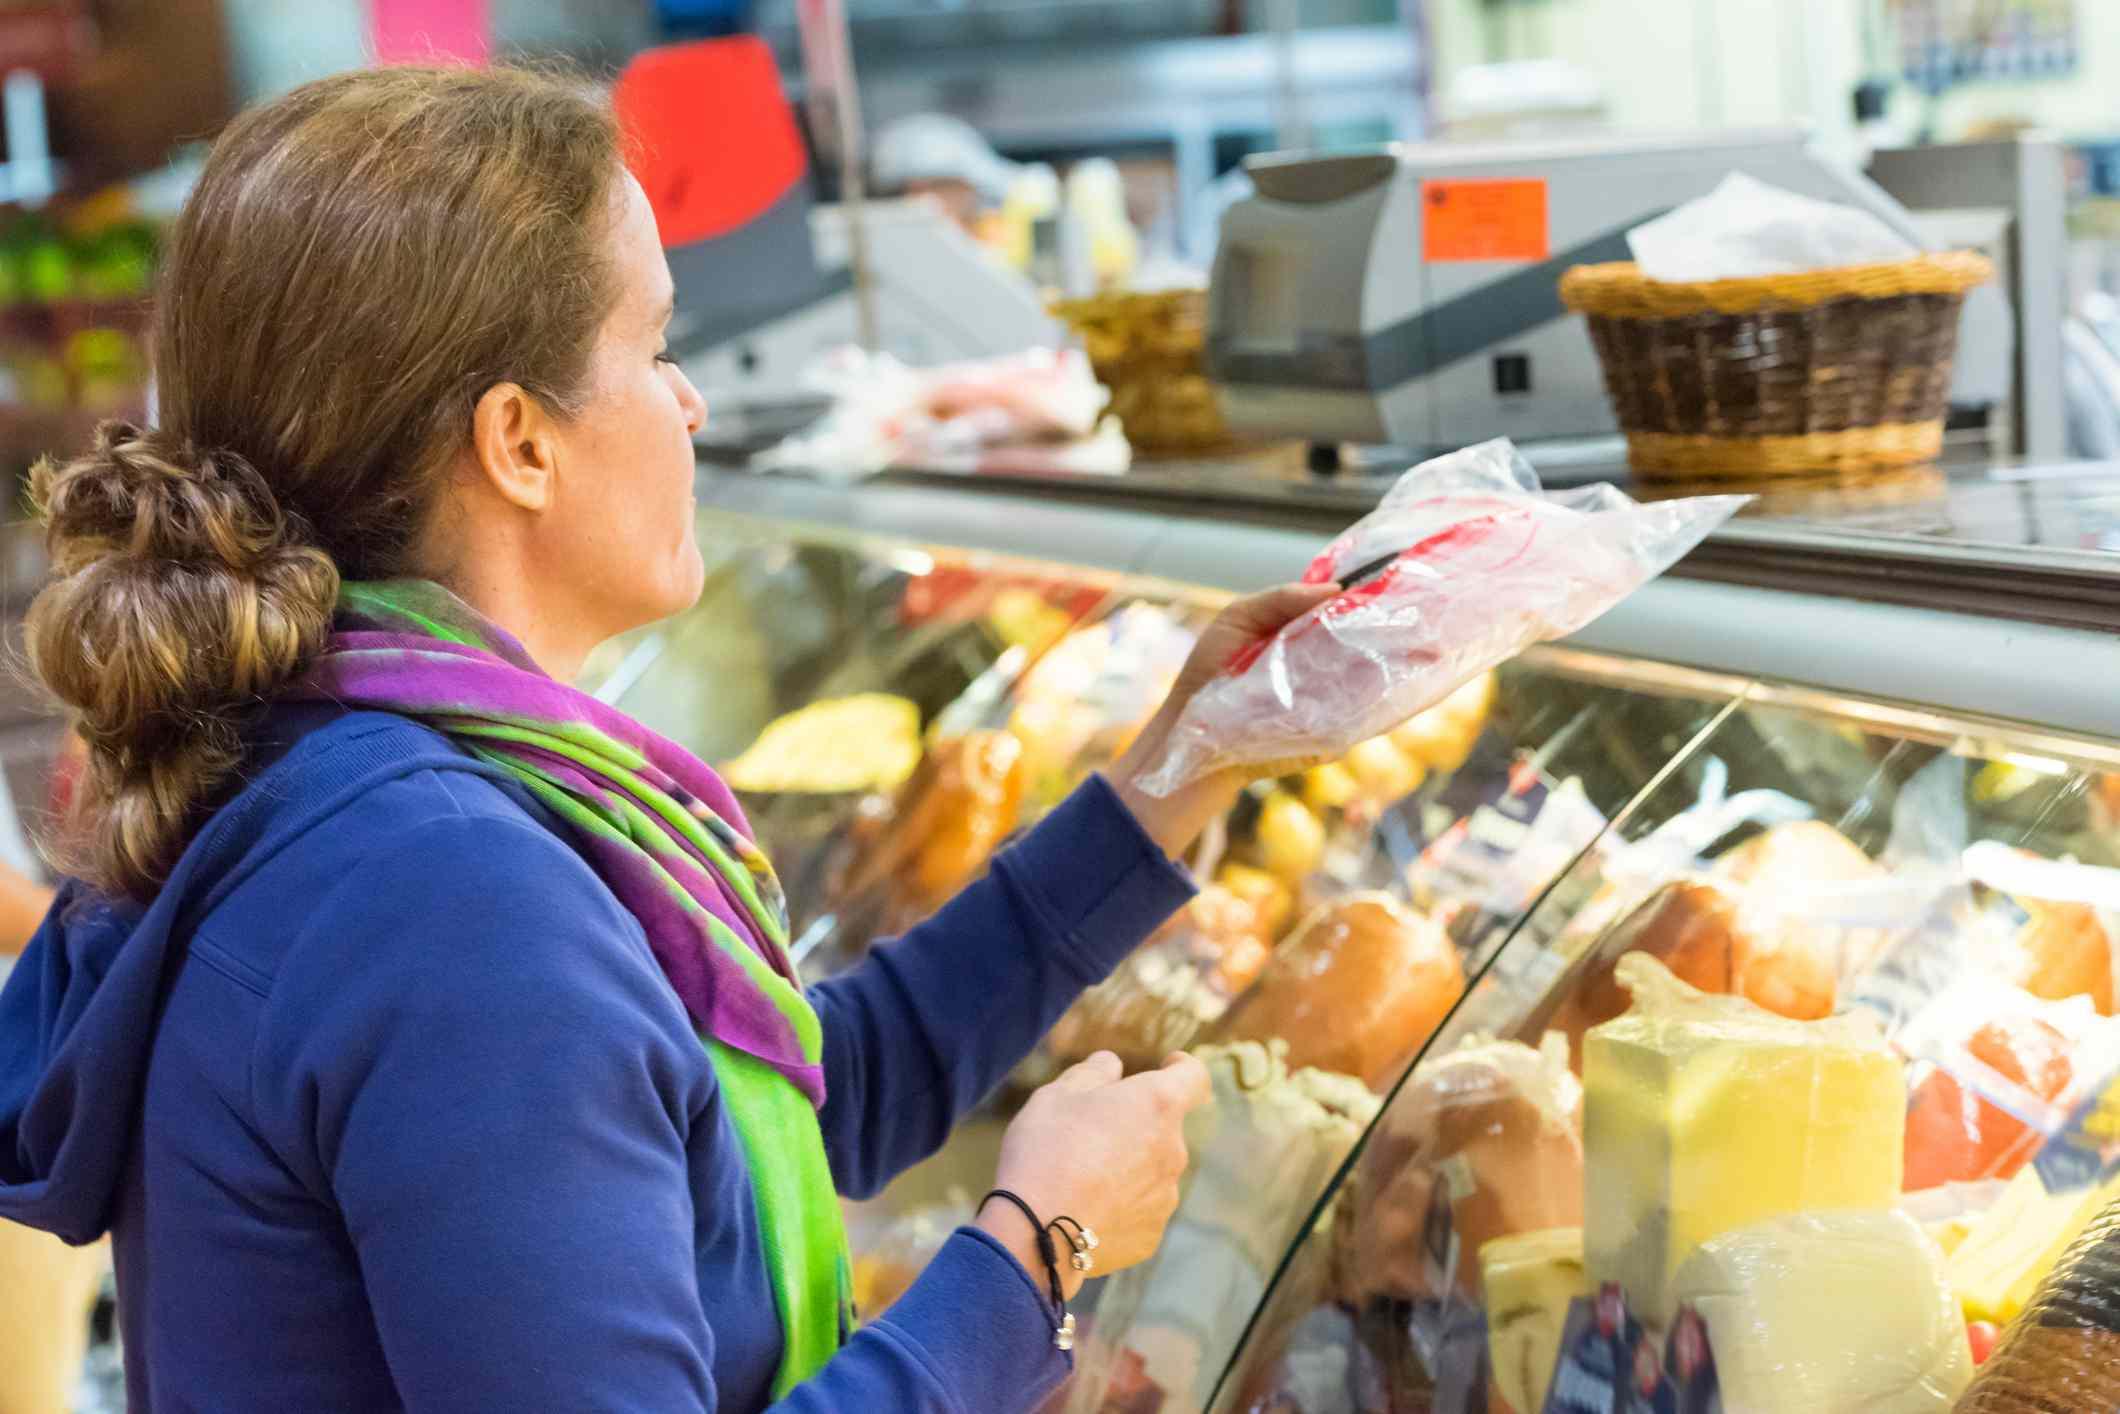 6 Hidden Sources of Gluten in Supermarket Foods